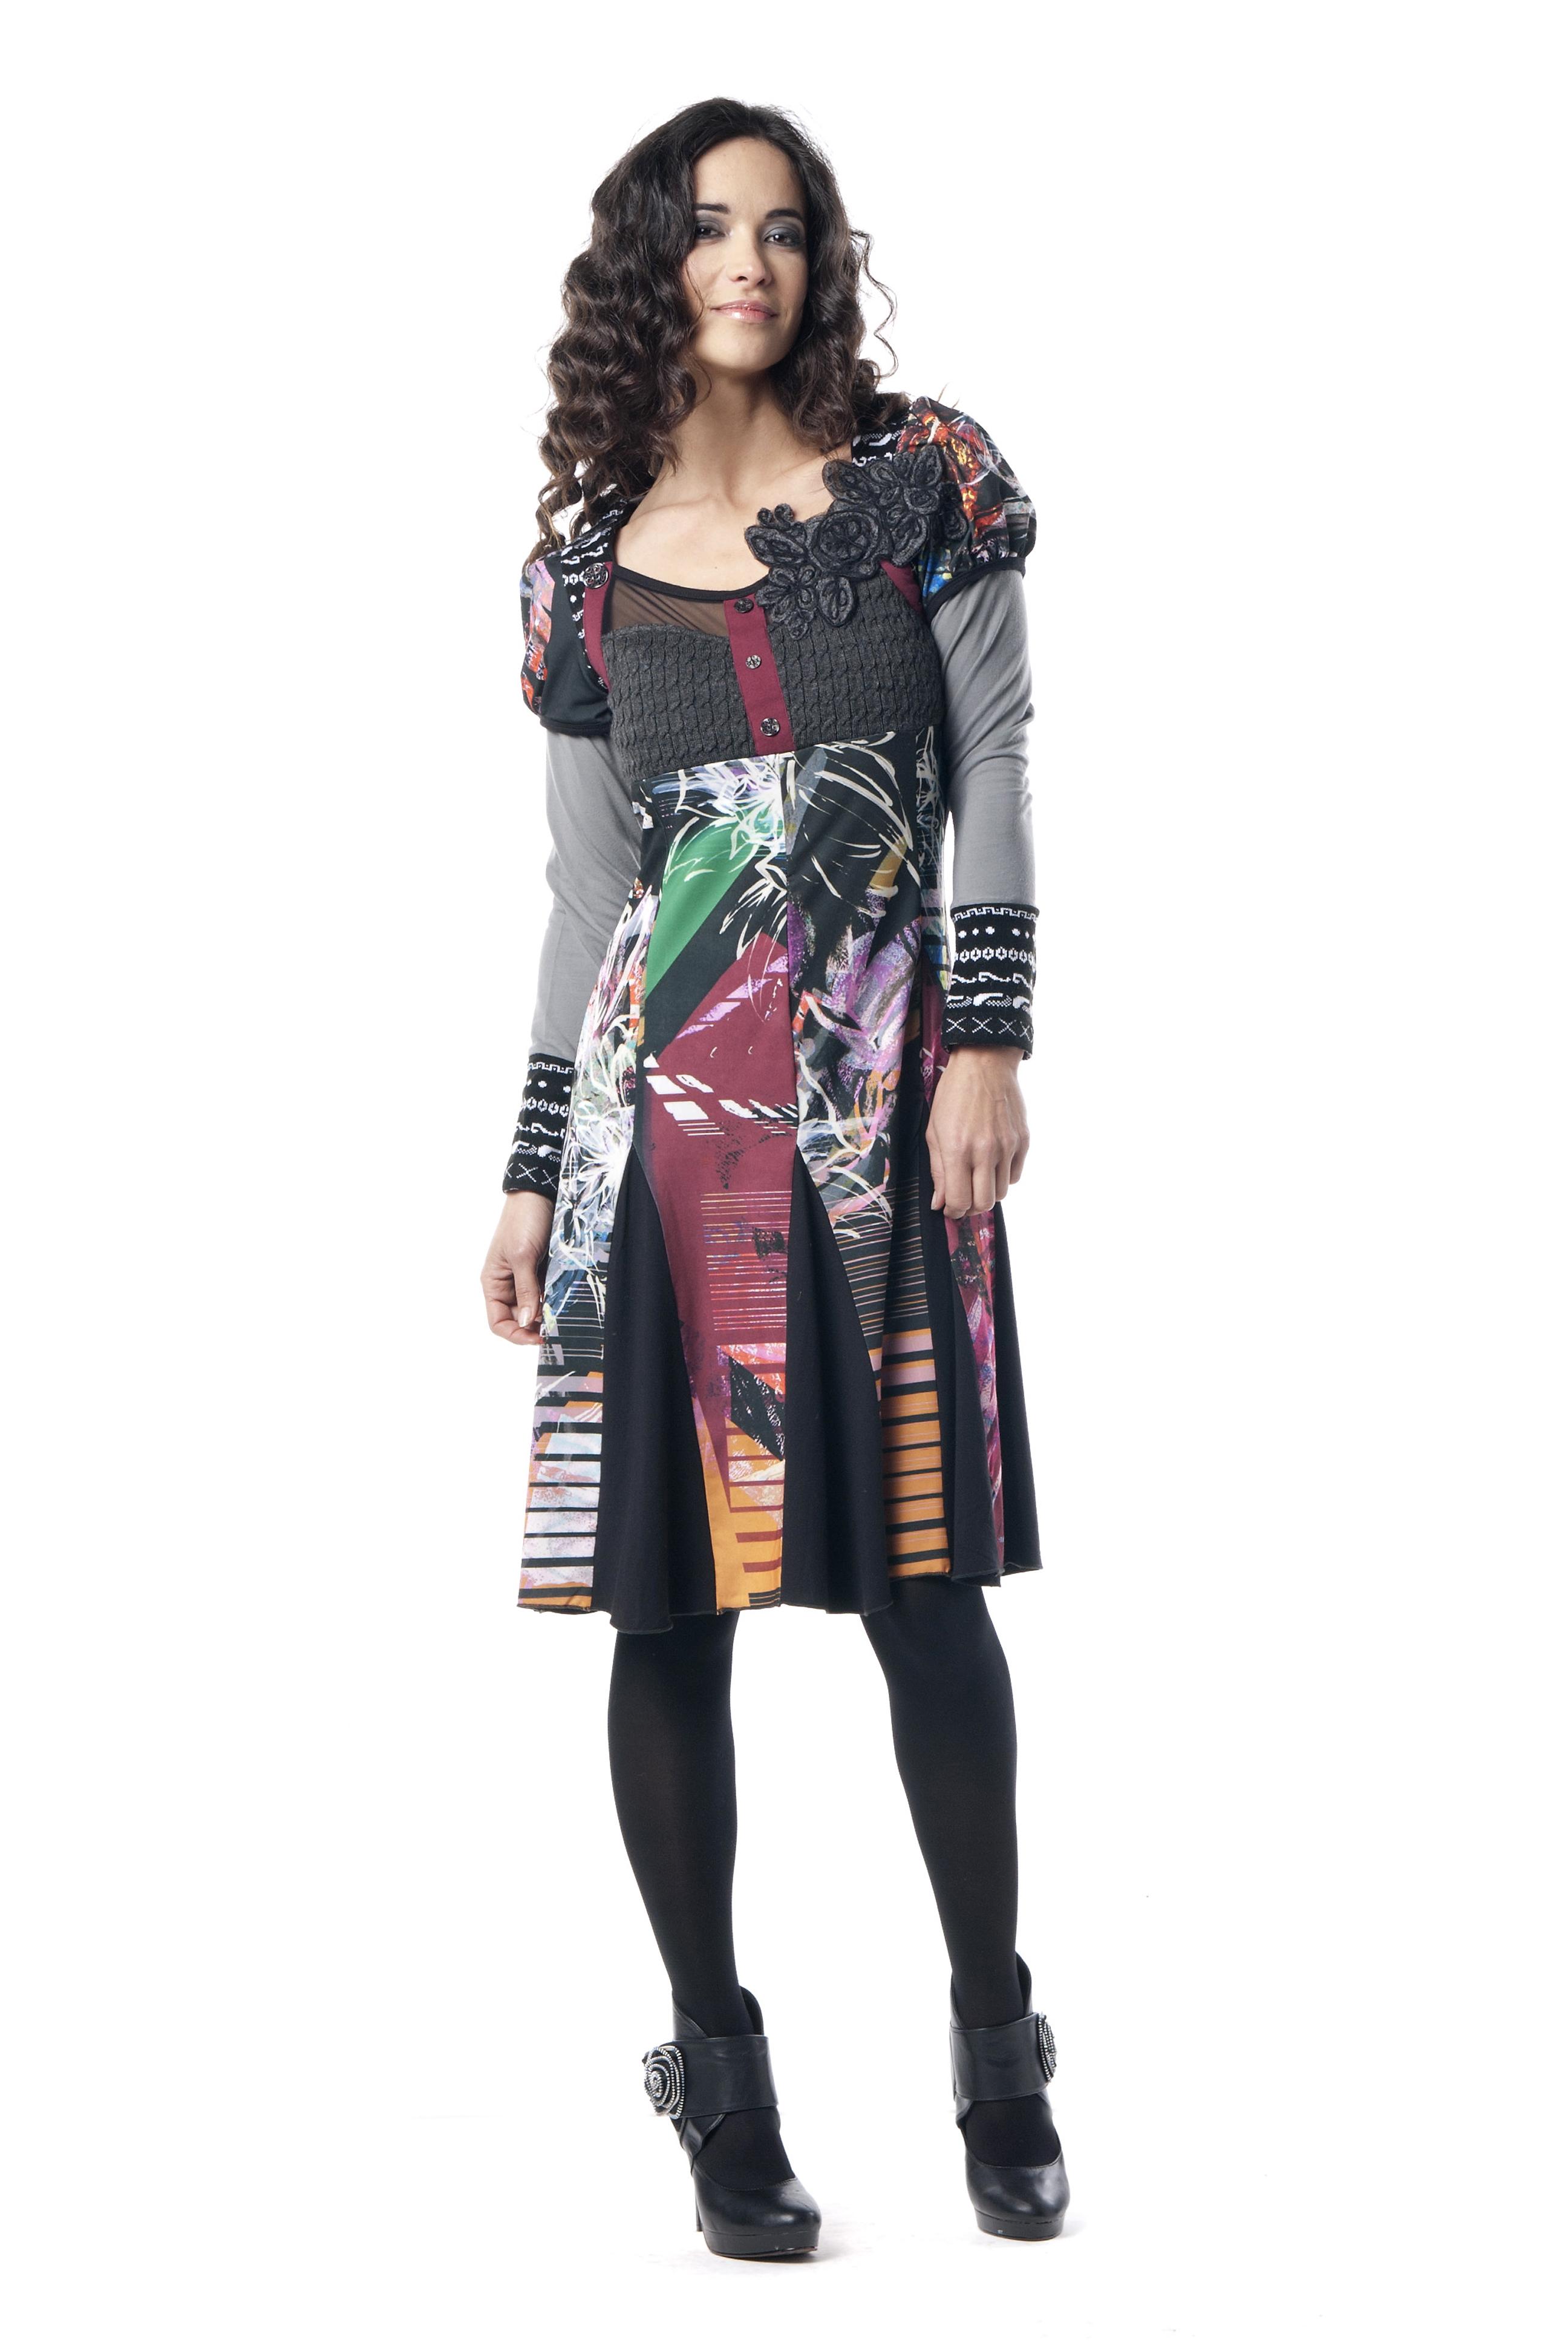 Les Fees Du Vent Couture: Femme Extase Color Block Dress LFDV_887401_N1